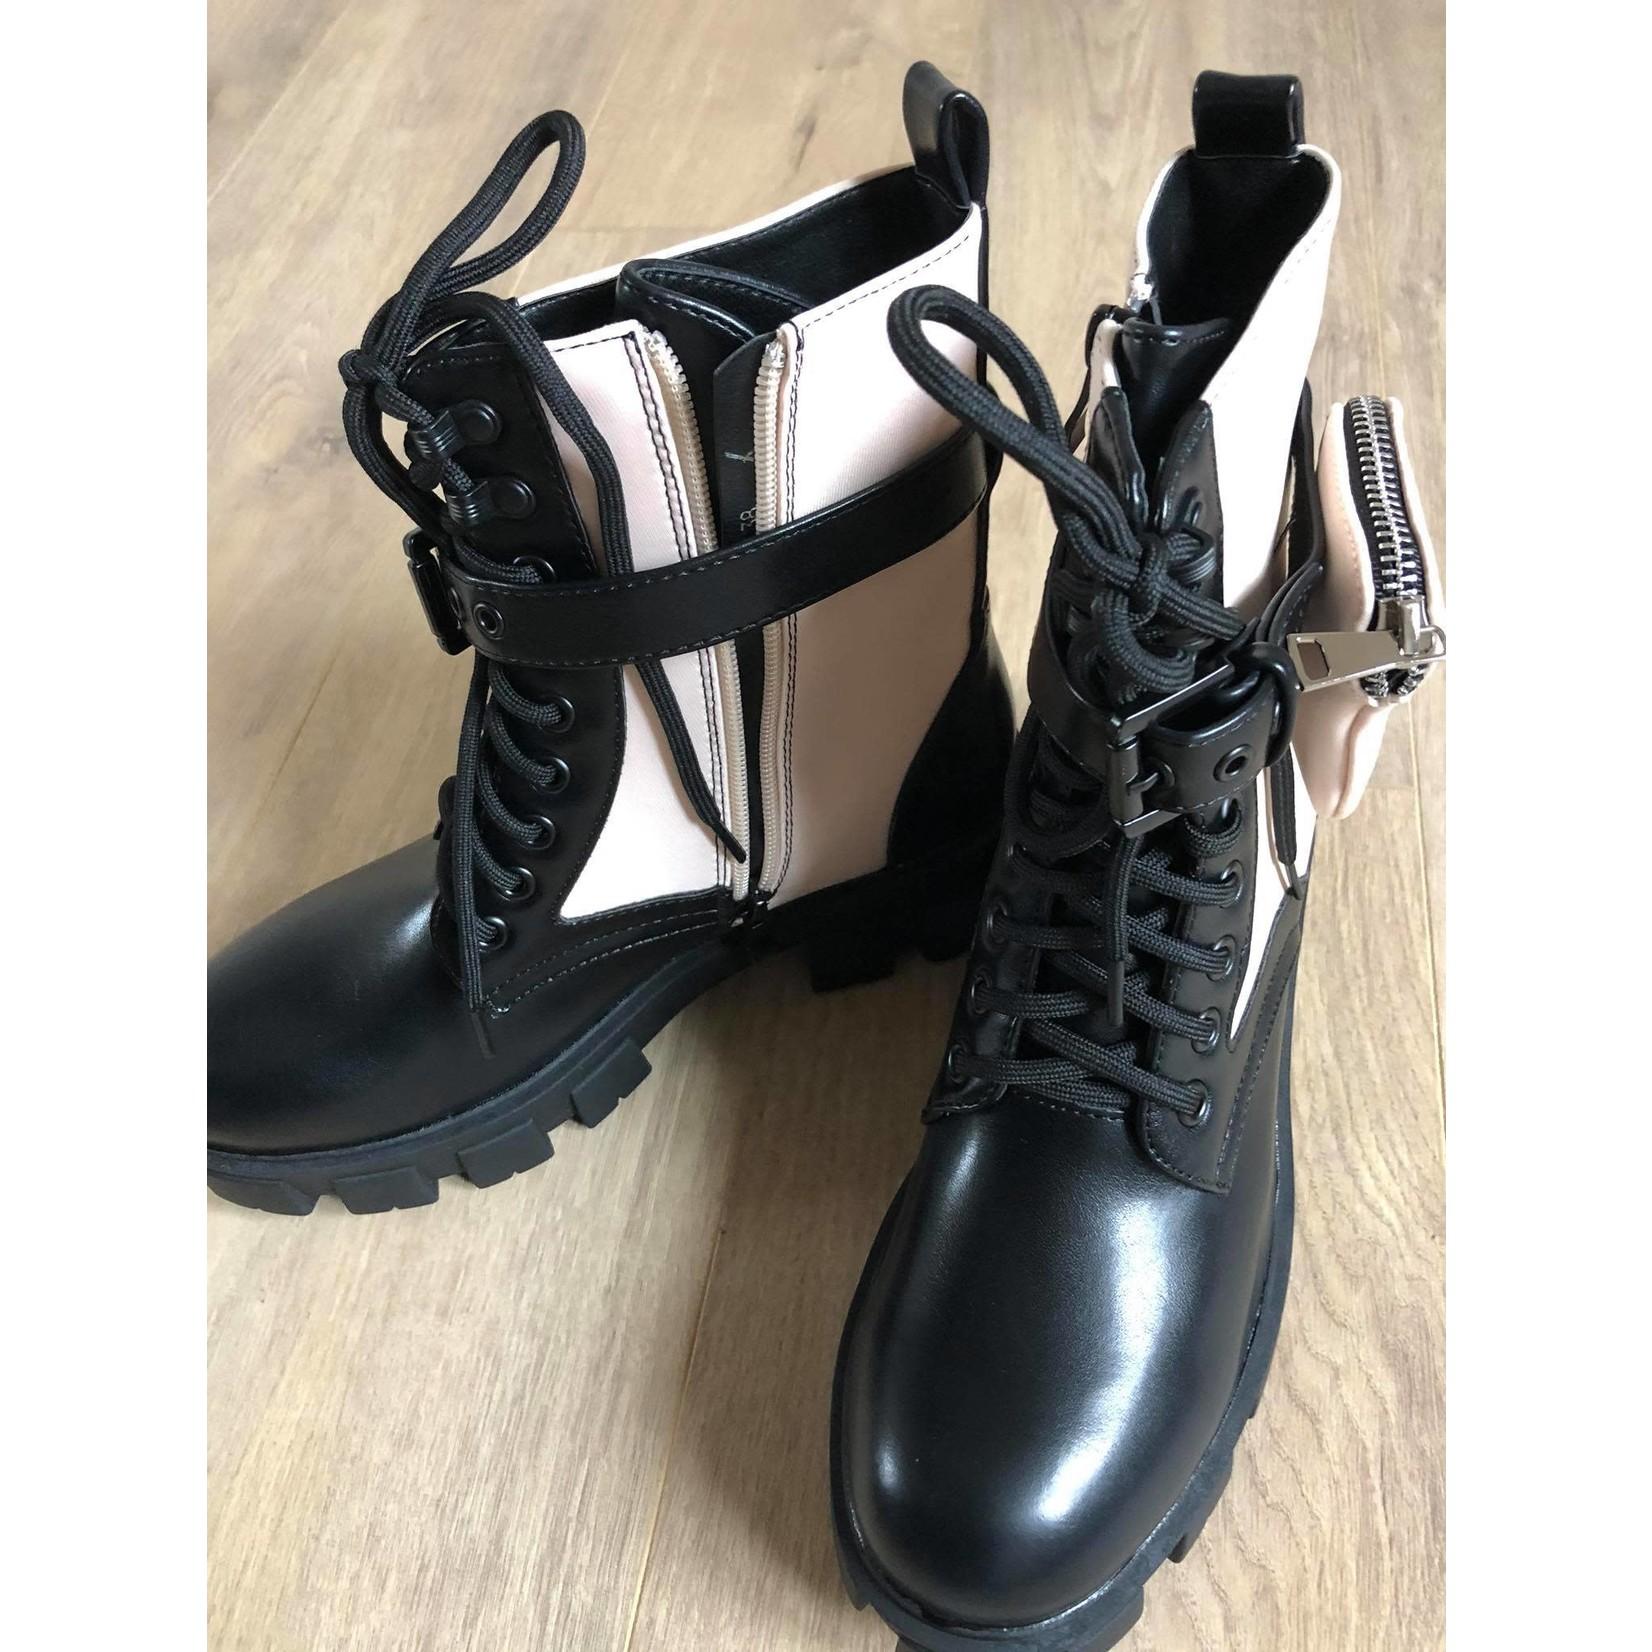 Kaat boots beige/zwart